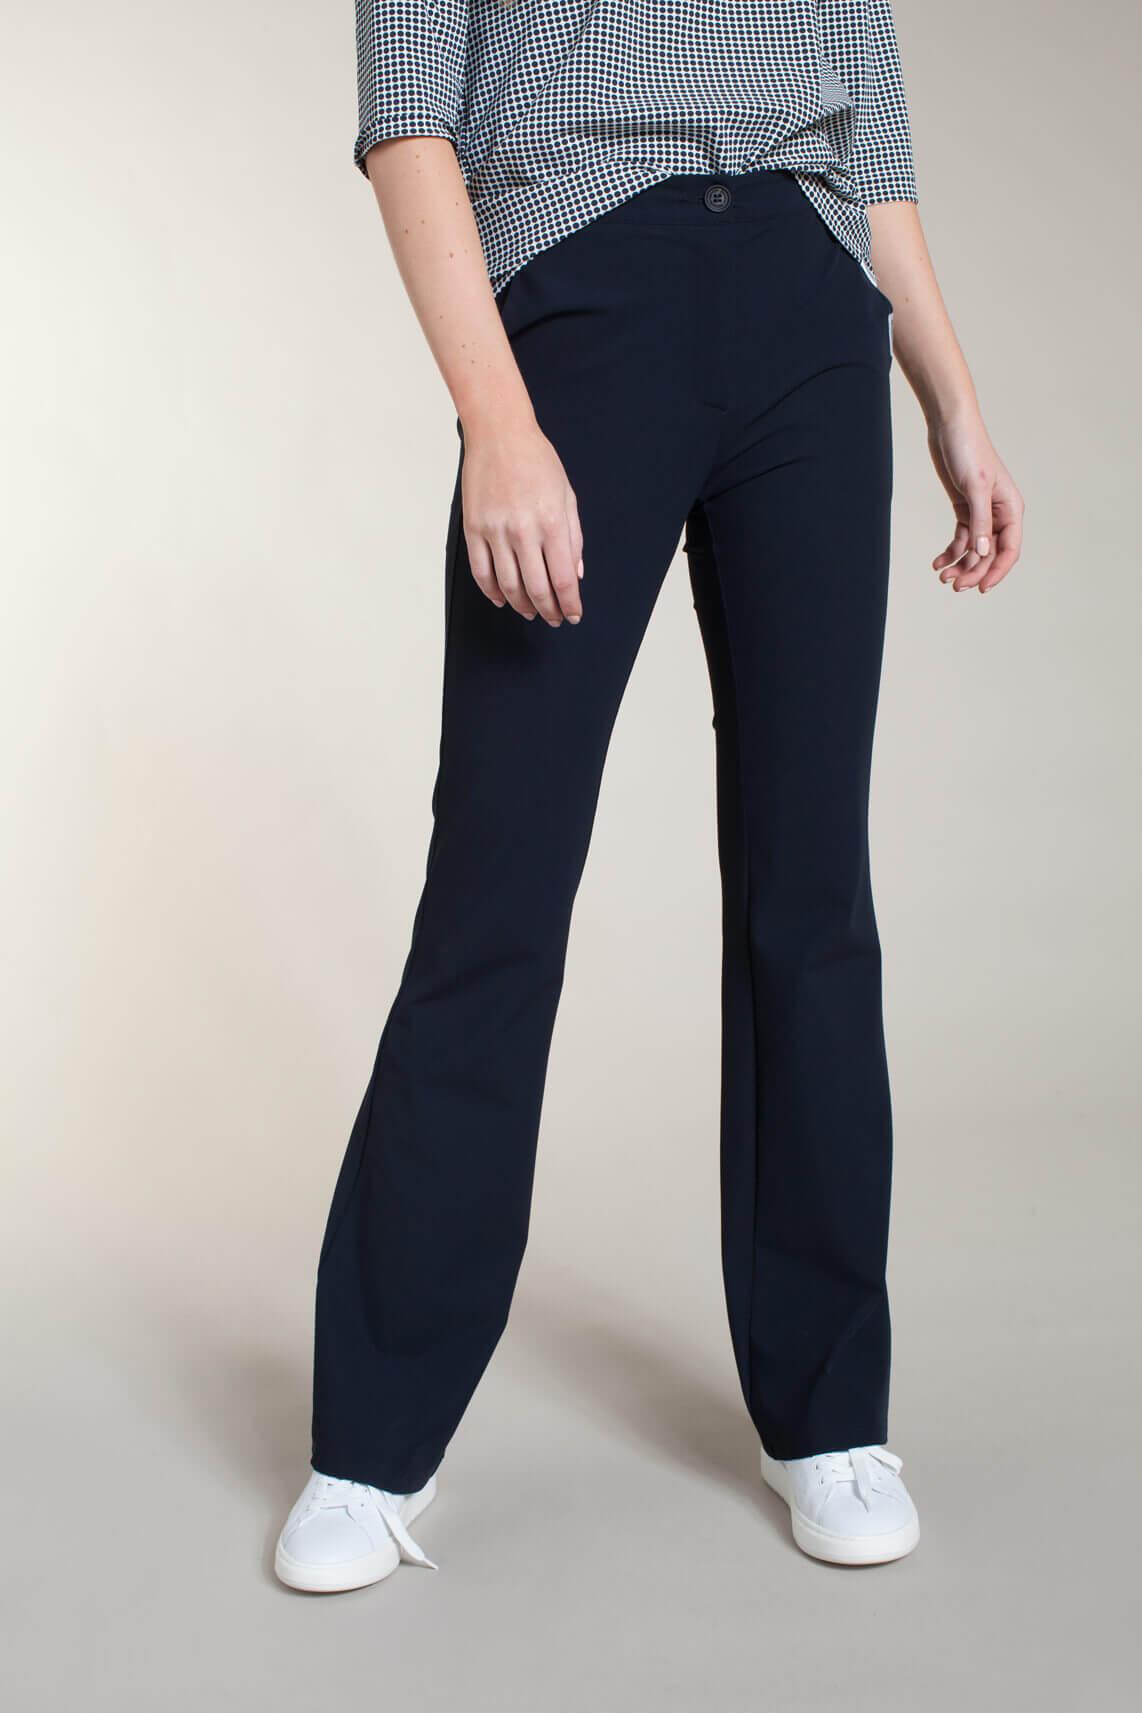 Penn & Ink Dames Flared broek Blauw